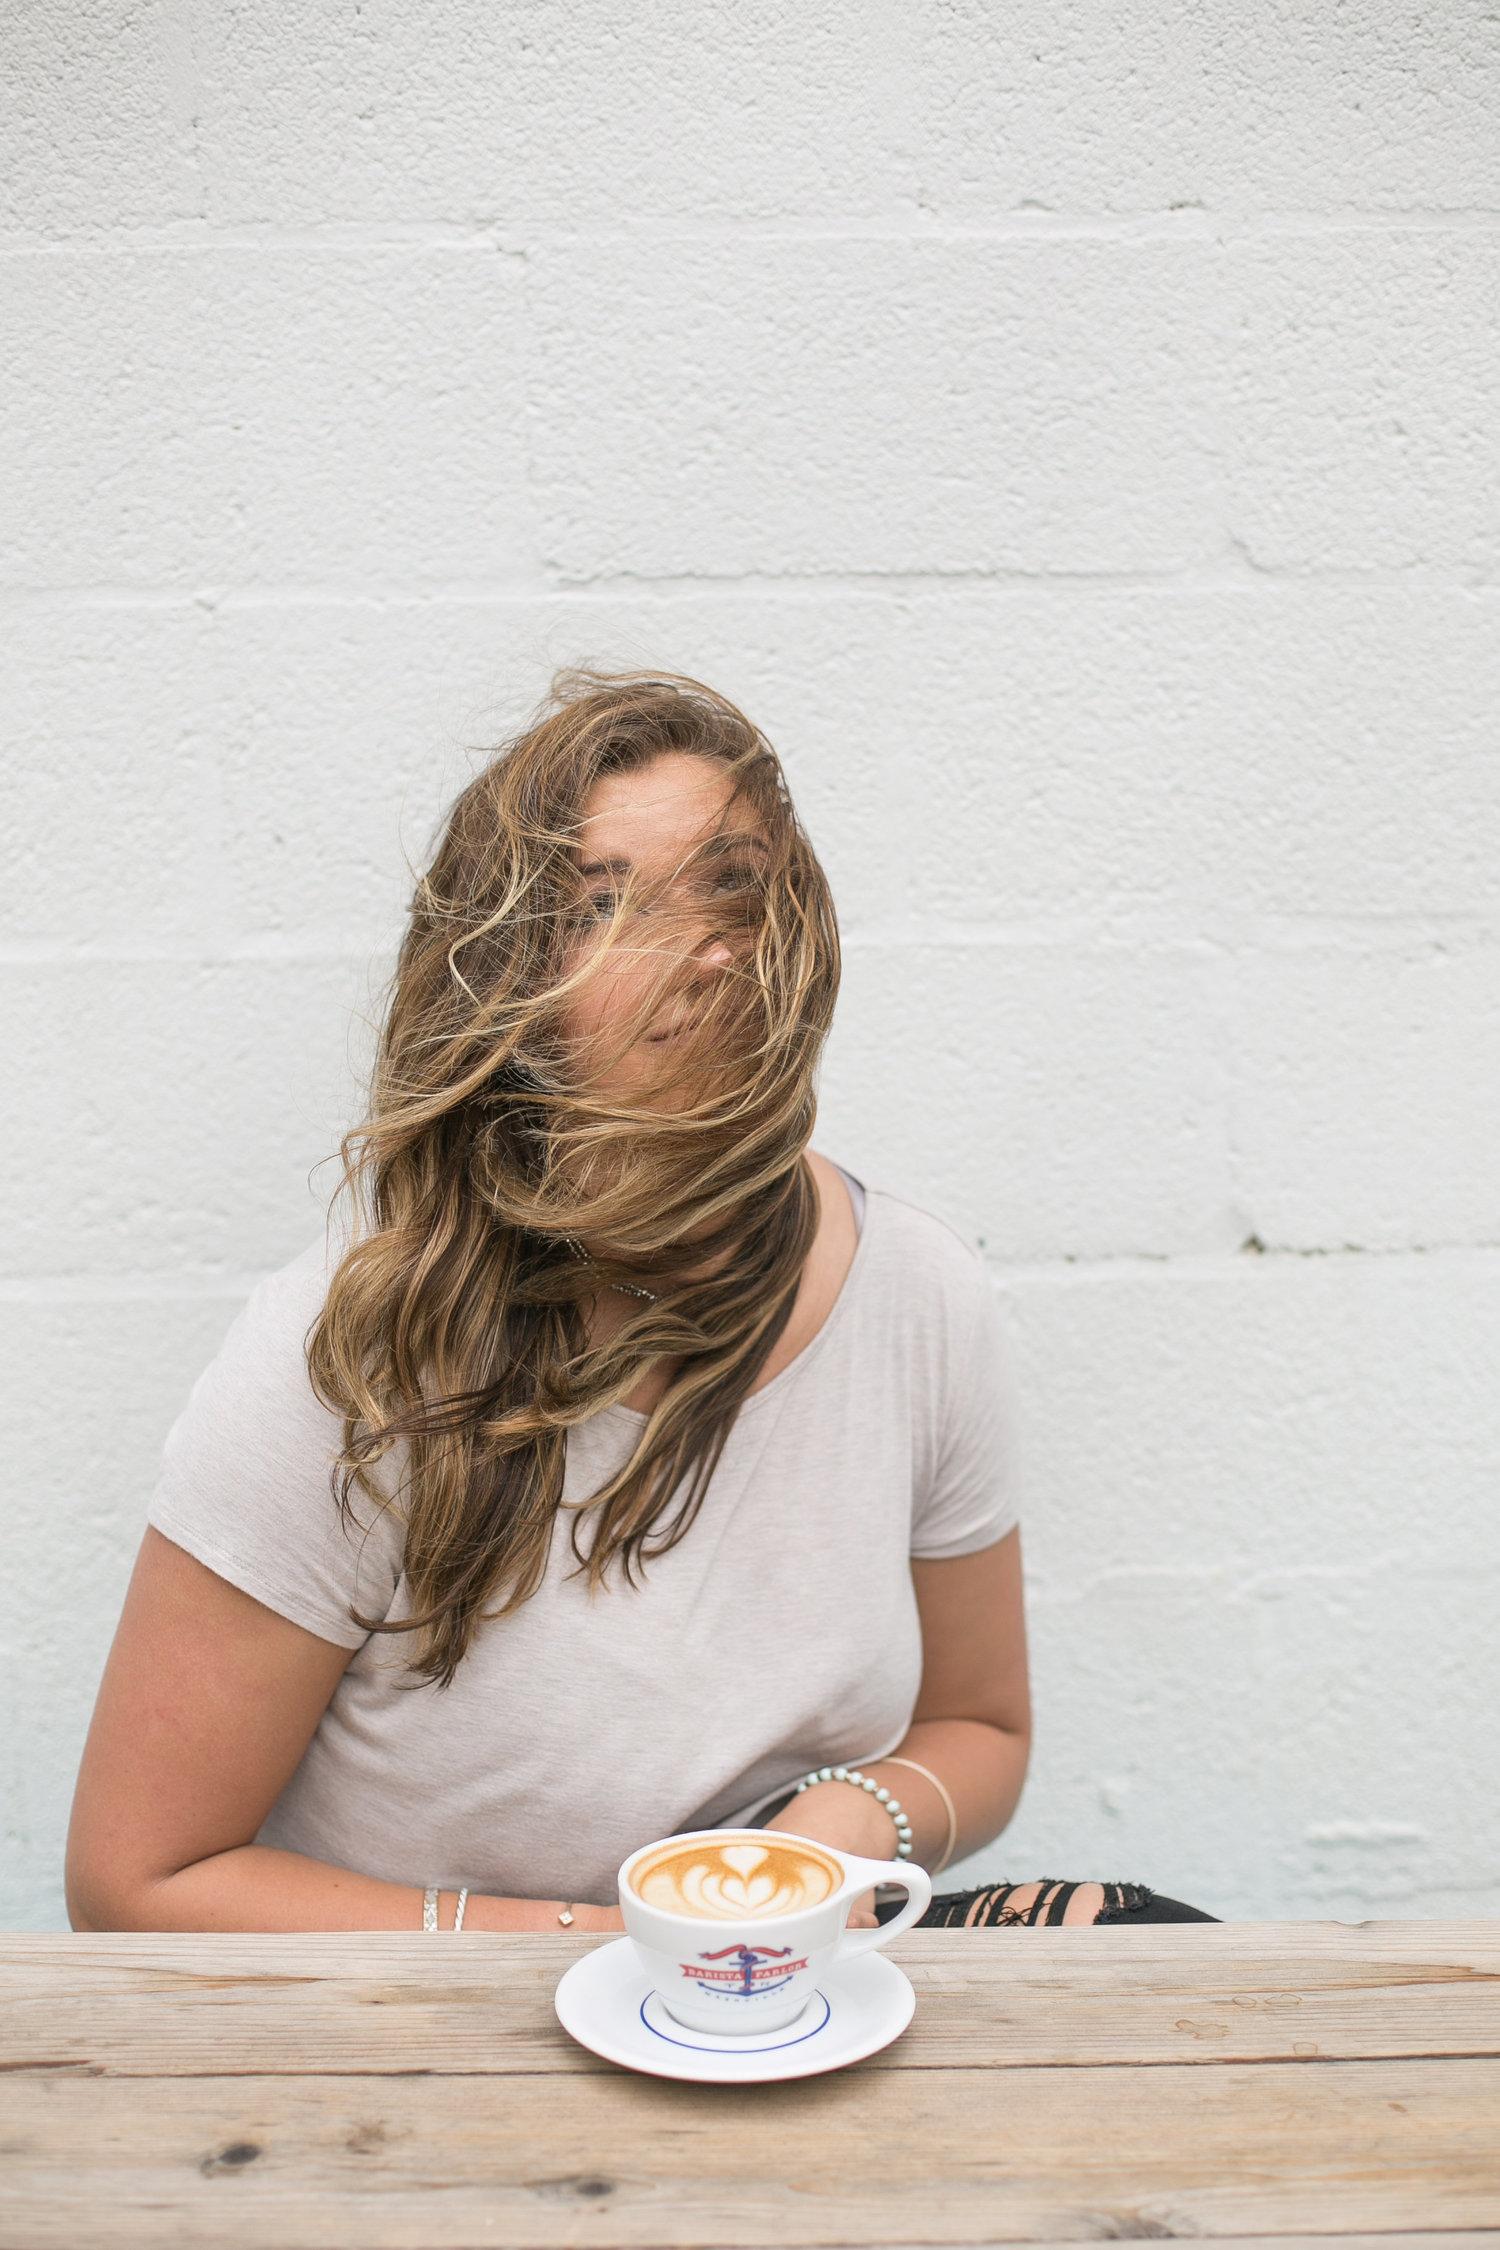 Copperheart-Creative-Owner-Amber-Brannon-Designer-Branding-Funny-404-2.jpg